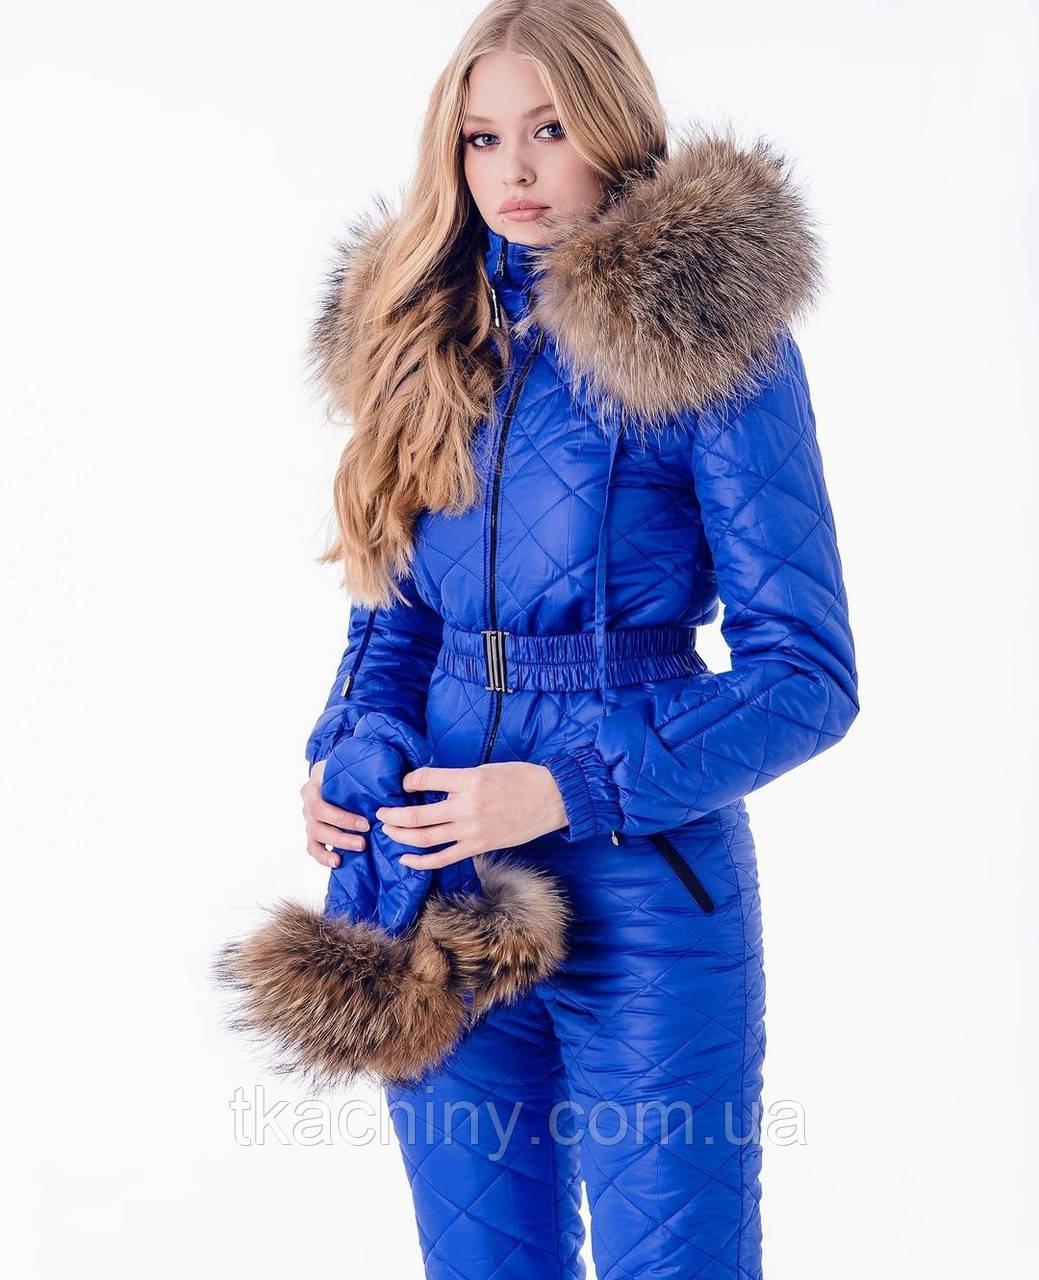 Лижний зимовий комбінезон жіночий синій